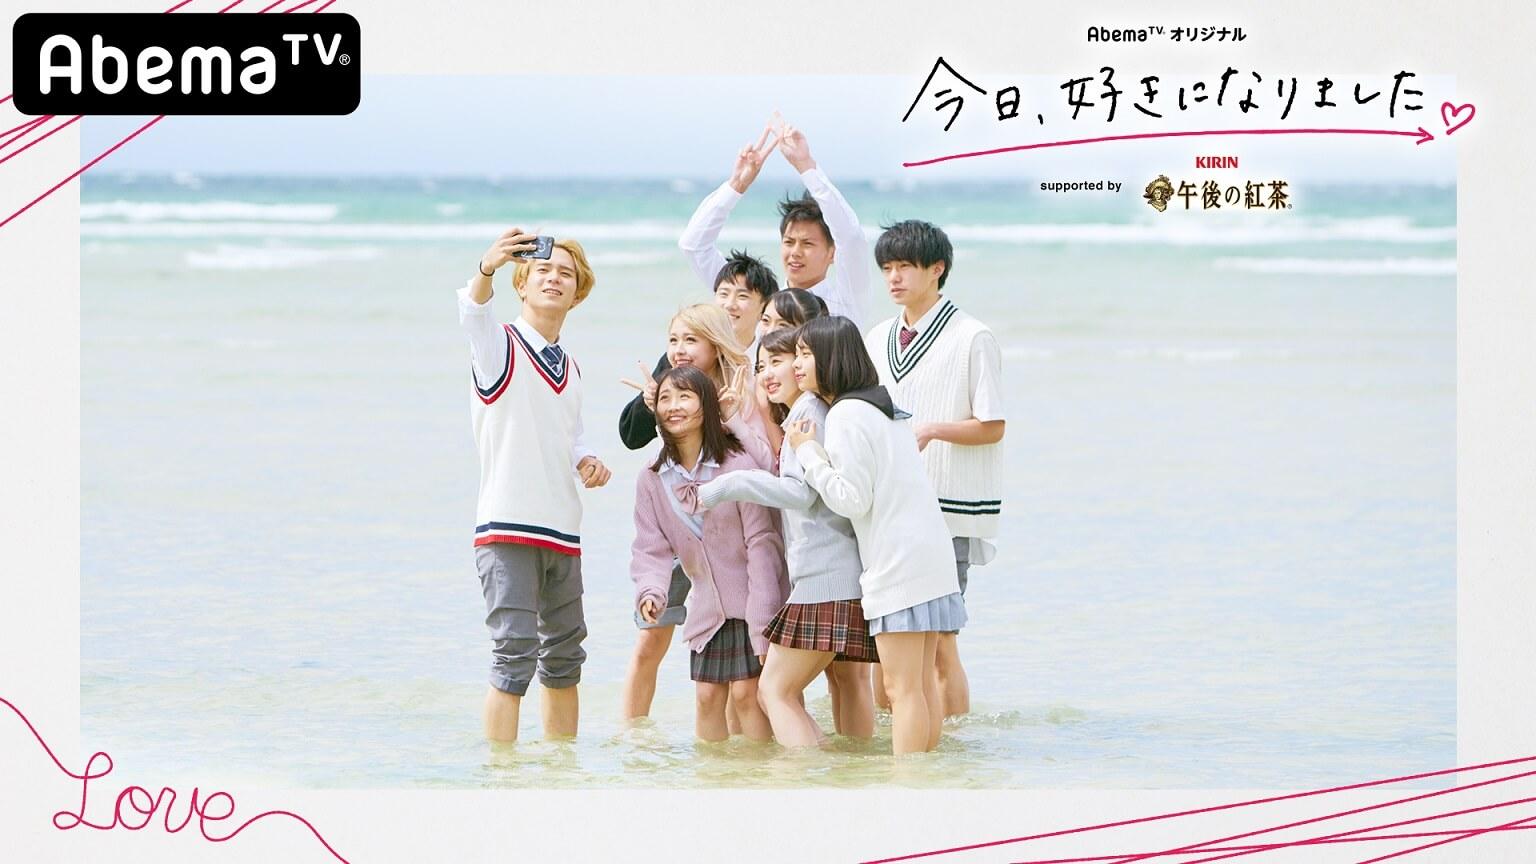 『今日、好きになりました。韓国チェジュ島編』AbemaSPECIALにて6月10日より放送開始!